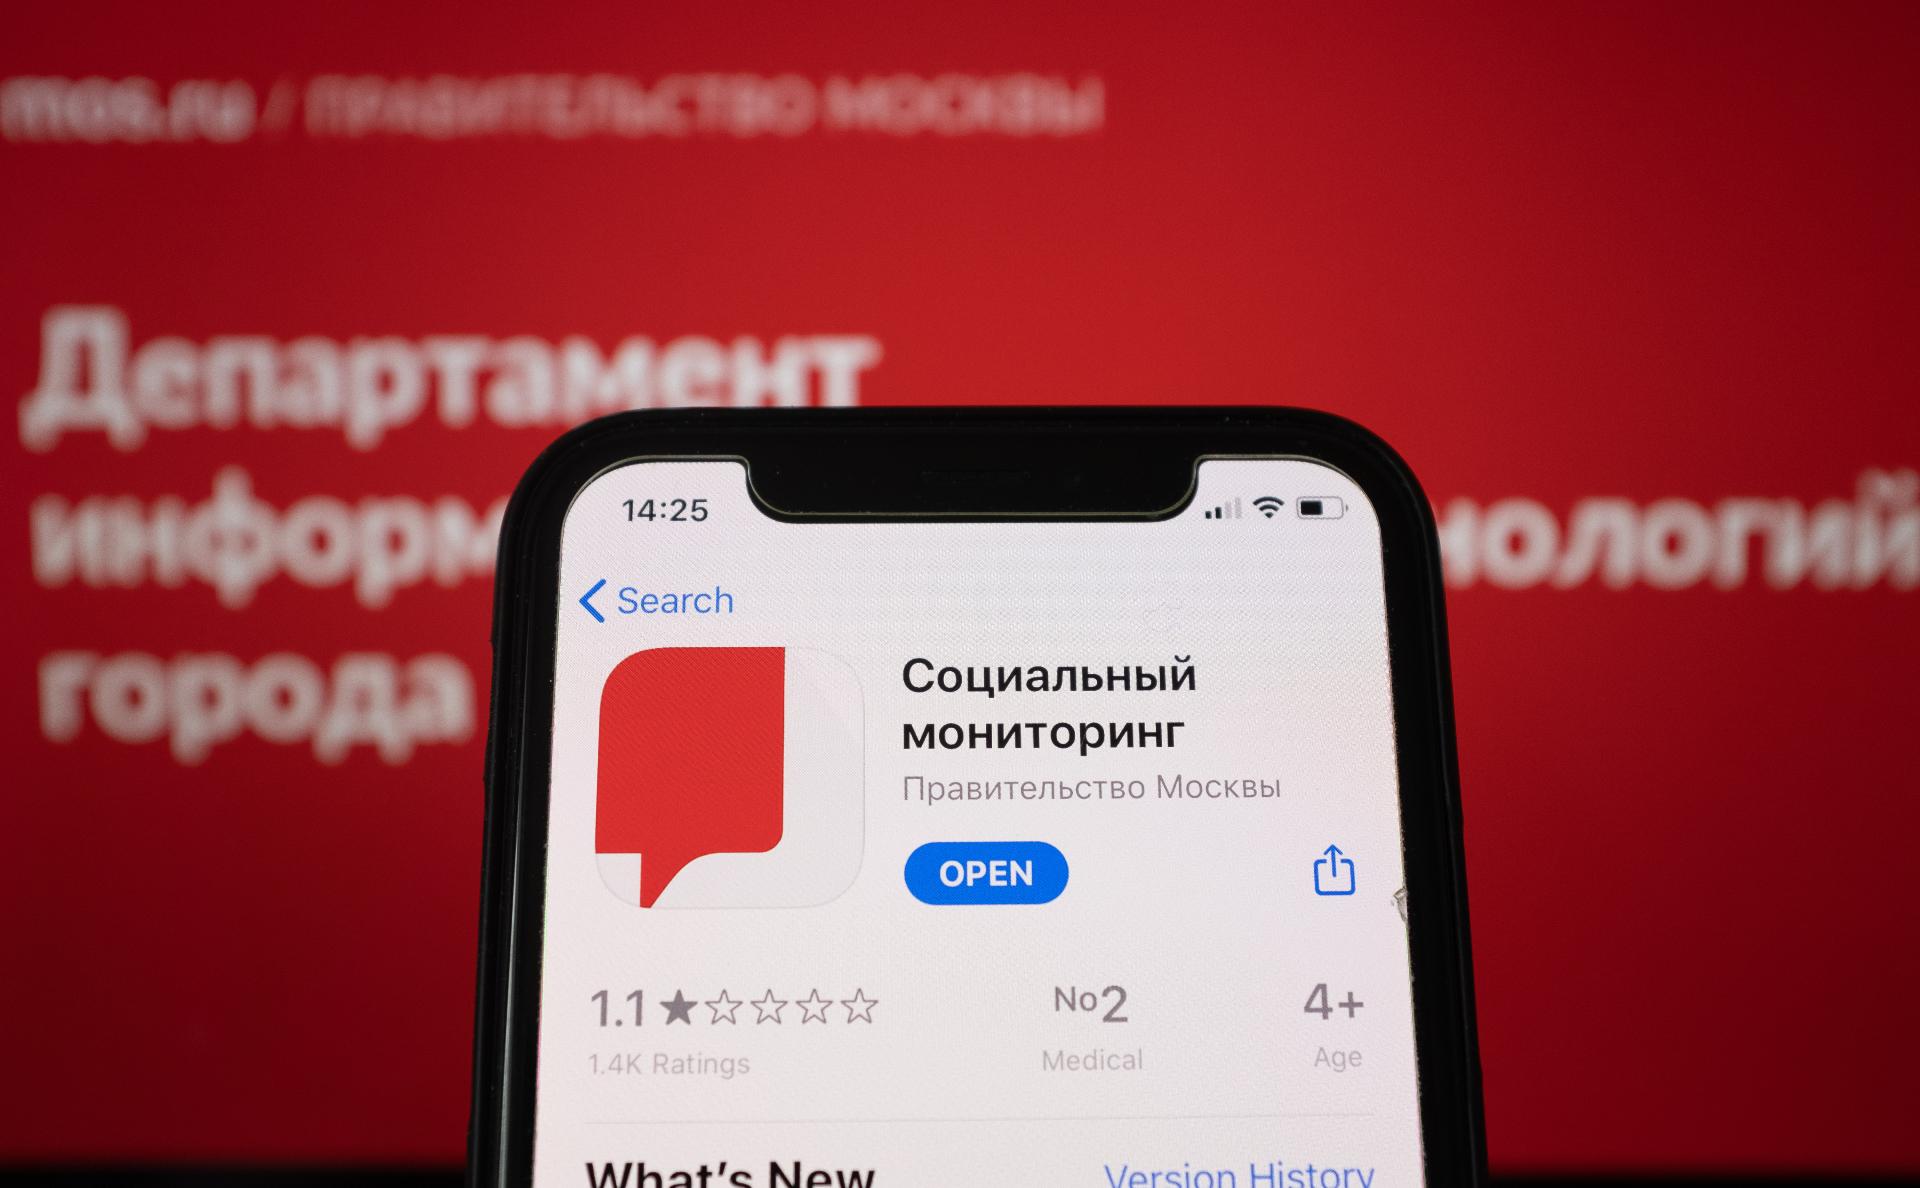 Фото: Татьяна Флегонтова / ТАСС